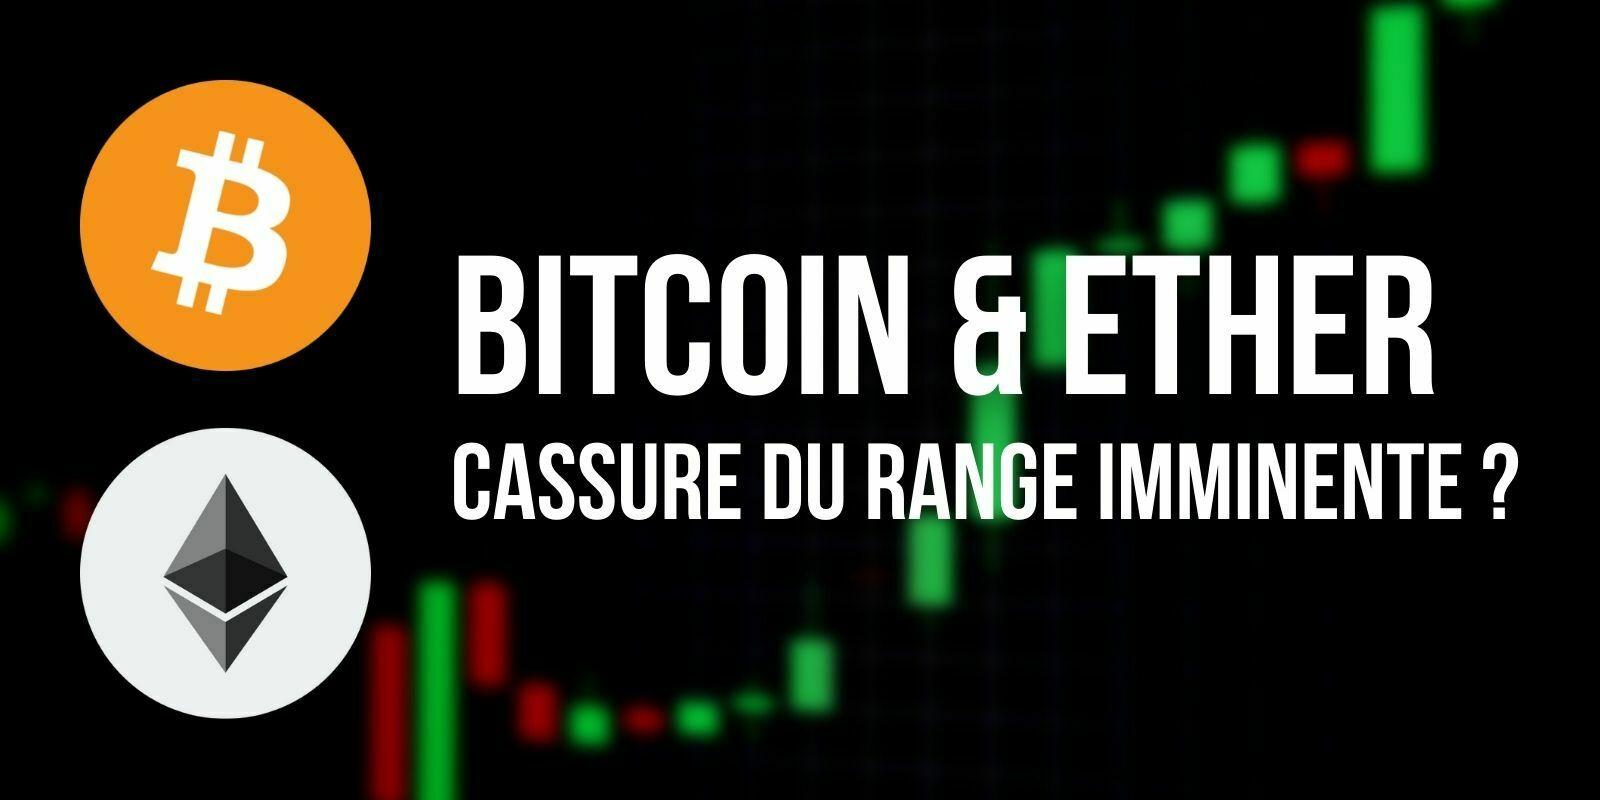 Le Bitcoin (BTC) et l'Ether (ETH) tentent la cassure par le haut de leur range